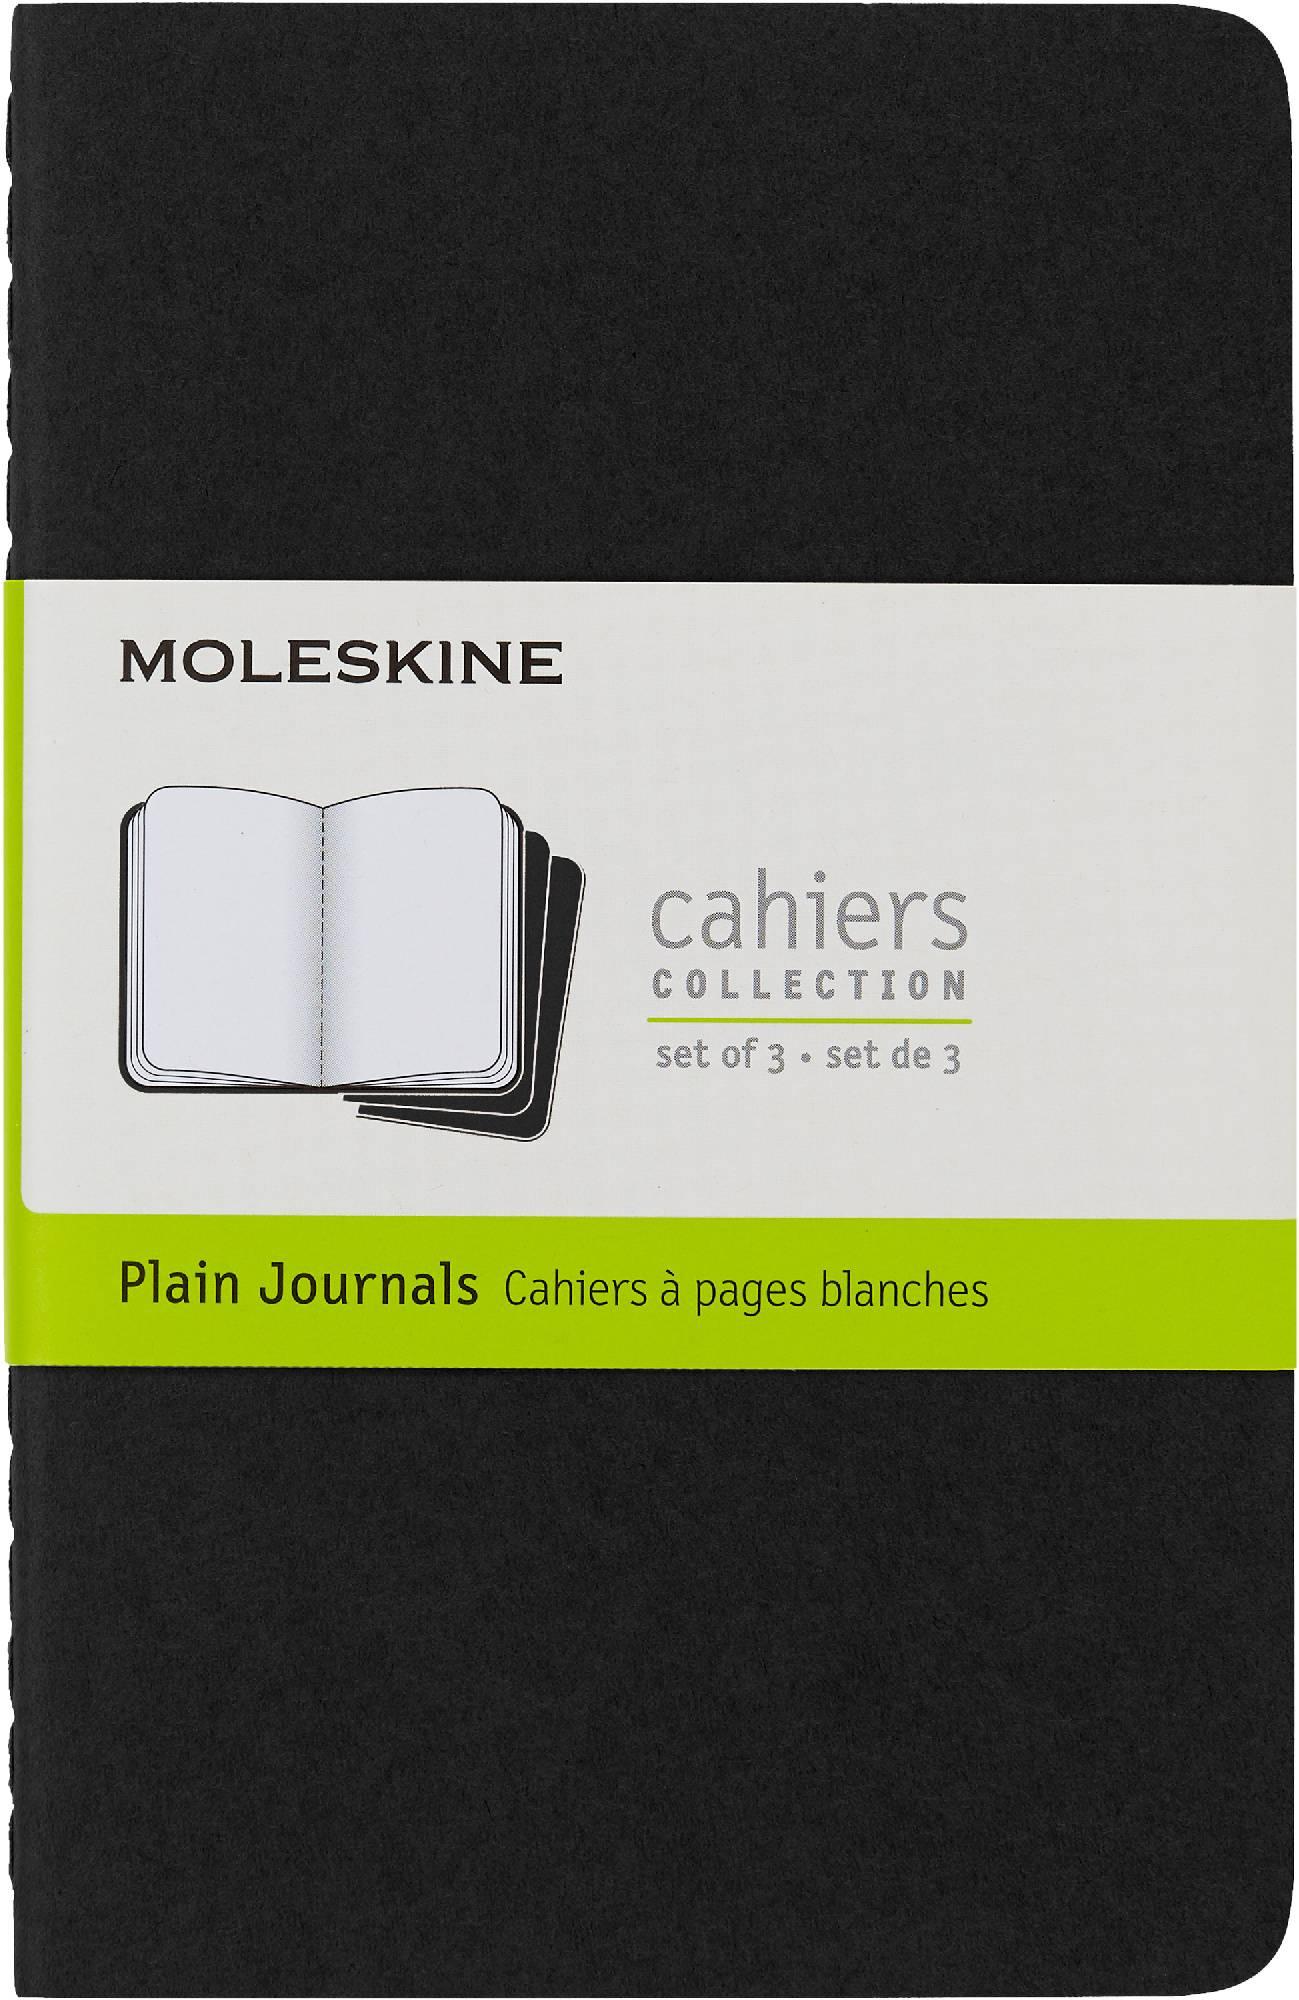 Блокнот Moleskine CAHIER JOURNAL 90x140мм обложка картон 64стр. нелинованный черный (3шт) - фото 1